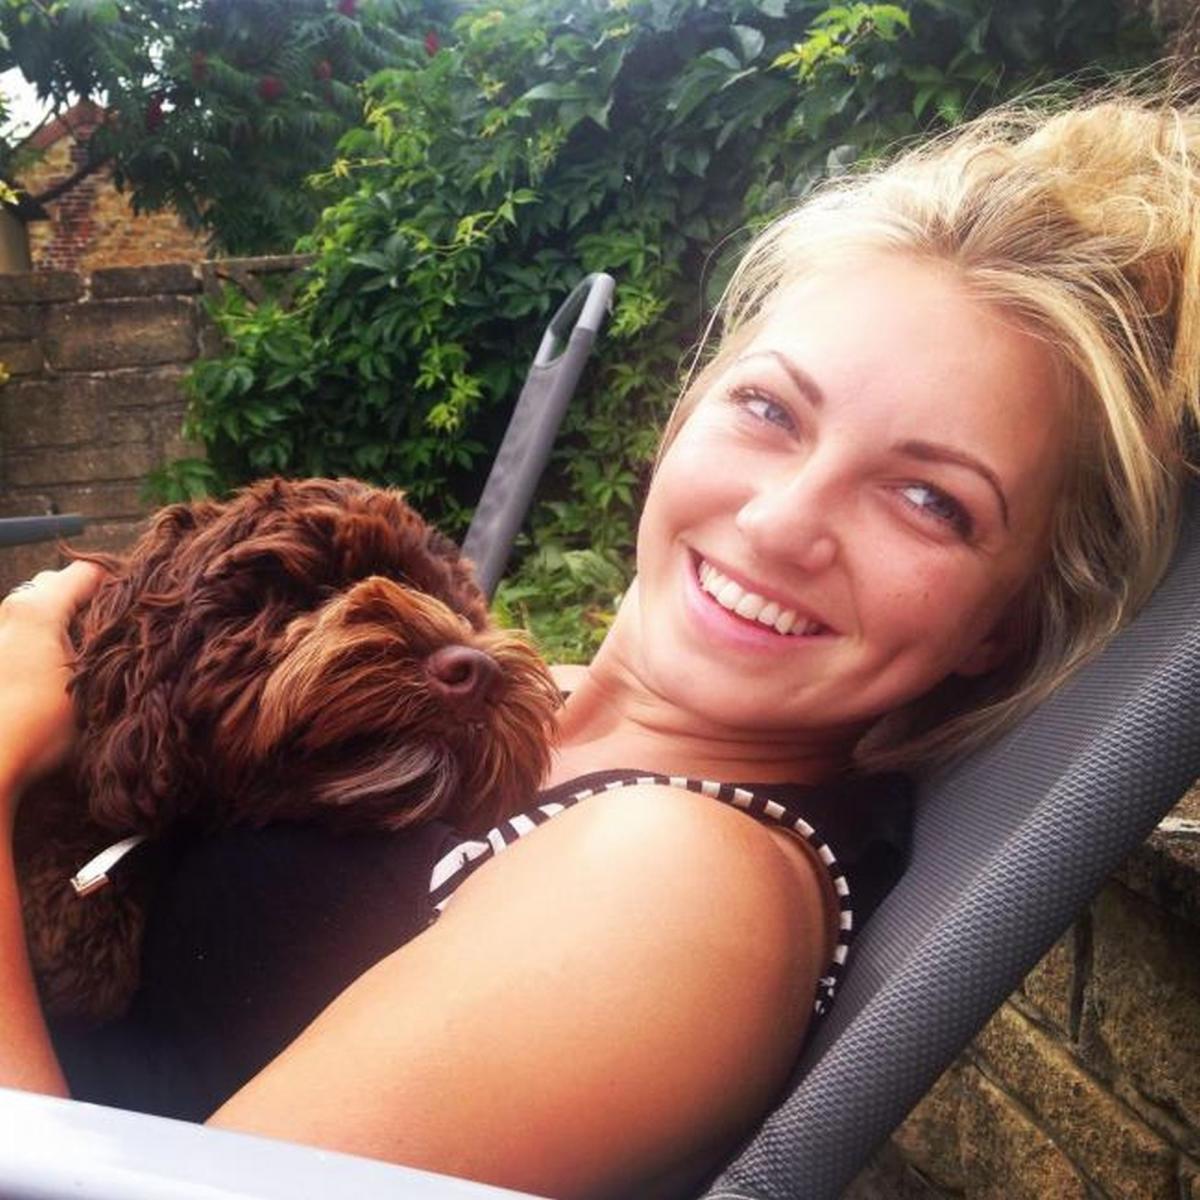 Lulu Rocks fundraiser in memory of Lulu Covey | Dorset Echo